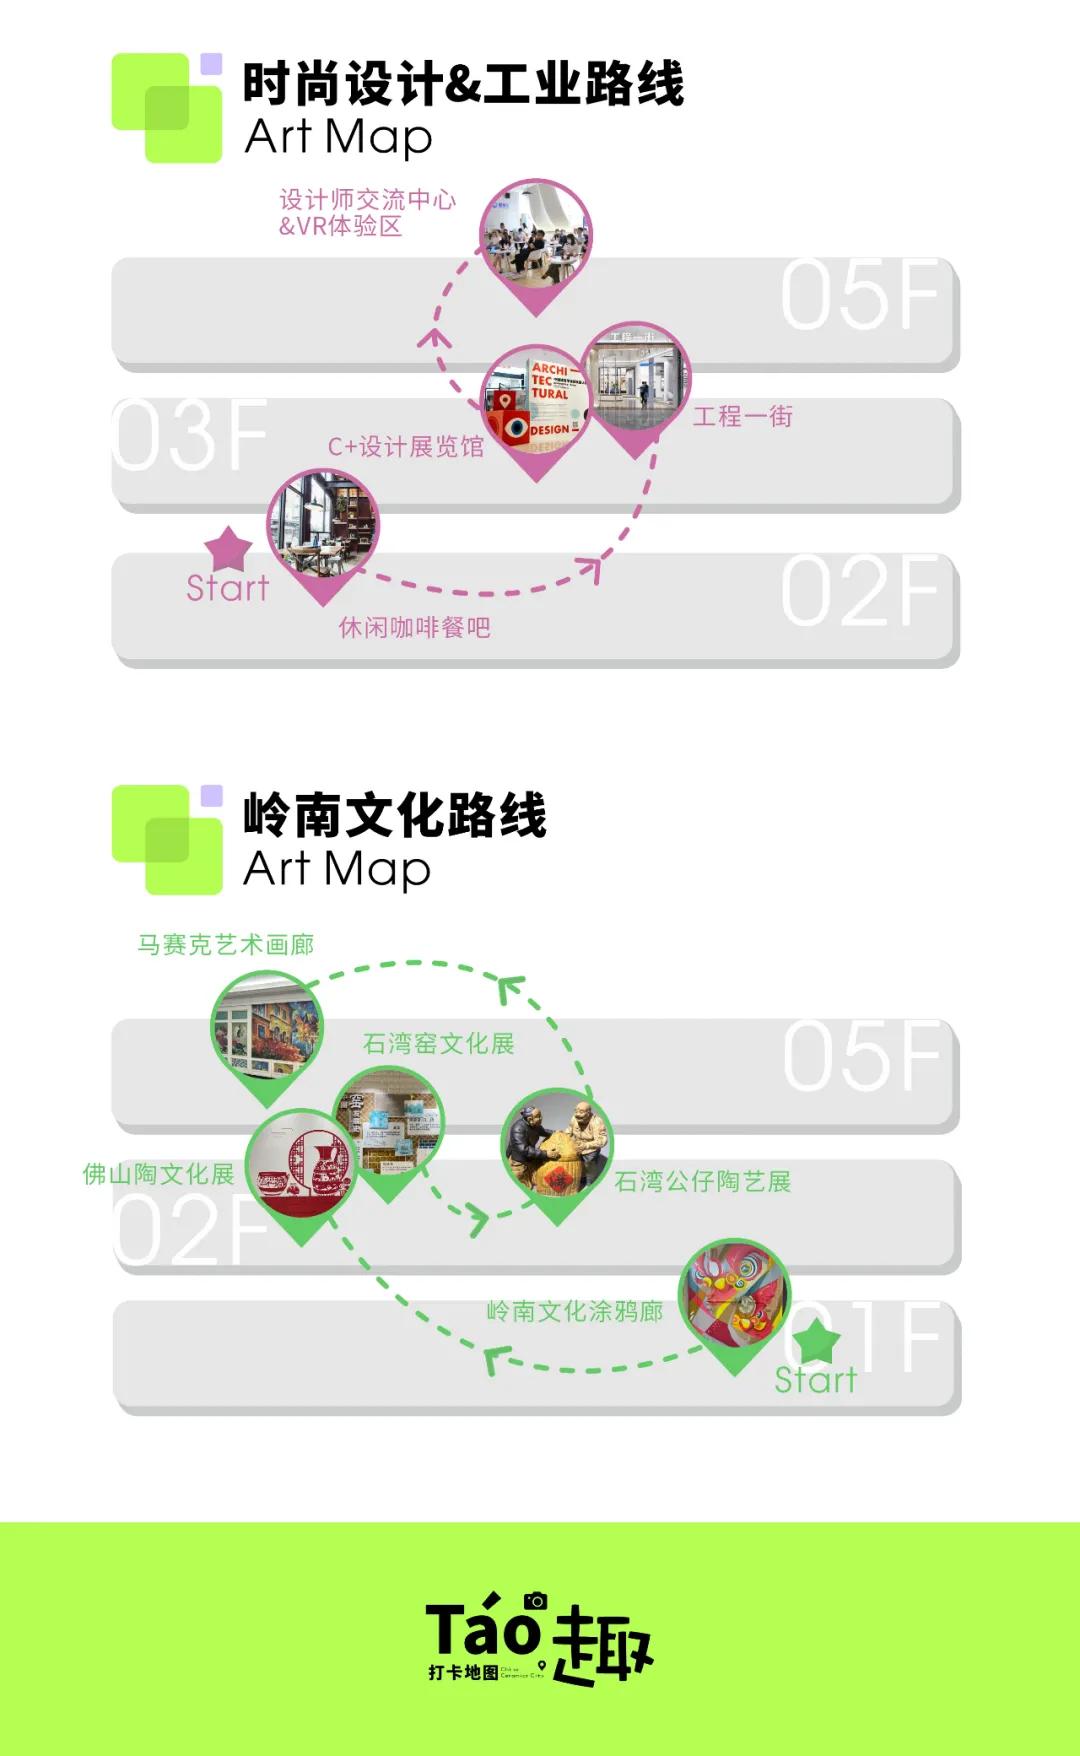 嘀~打卡!跟着中国陶瓷城打卡地图尽览táo趣之旅